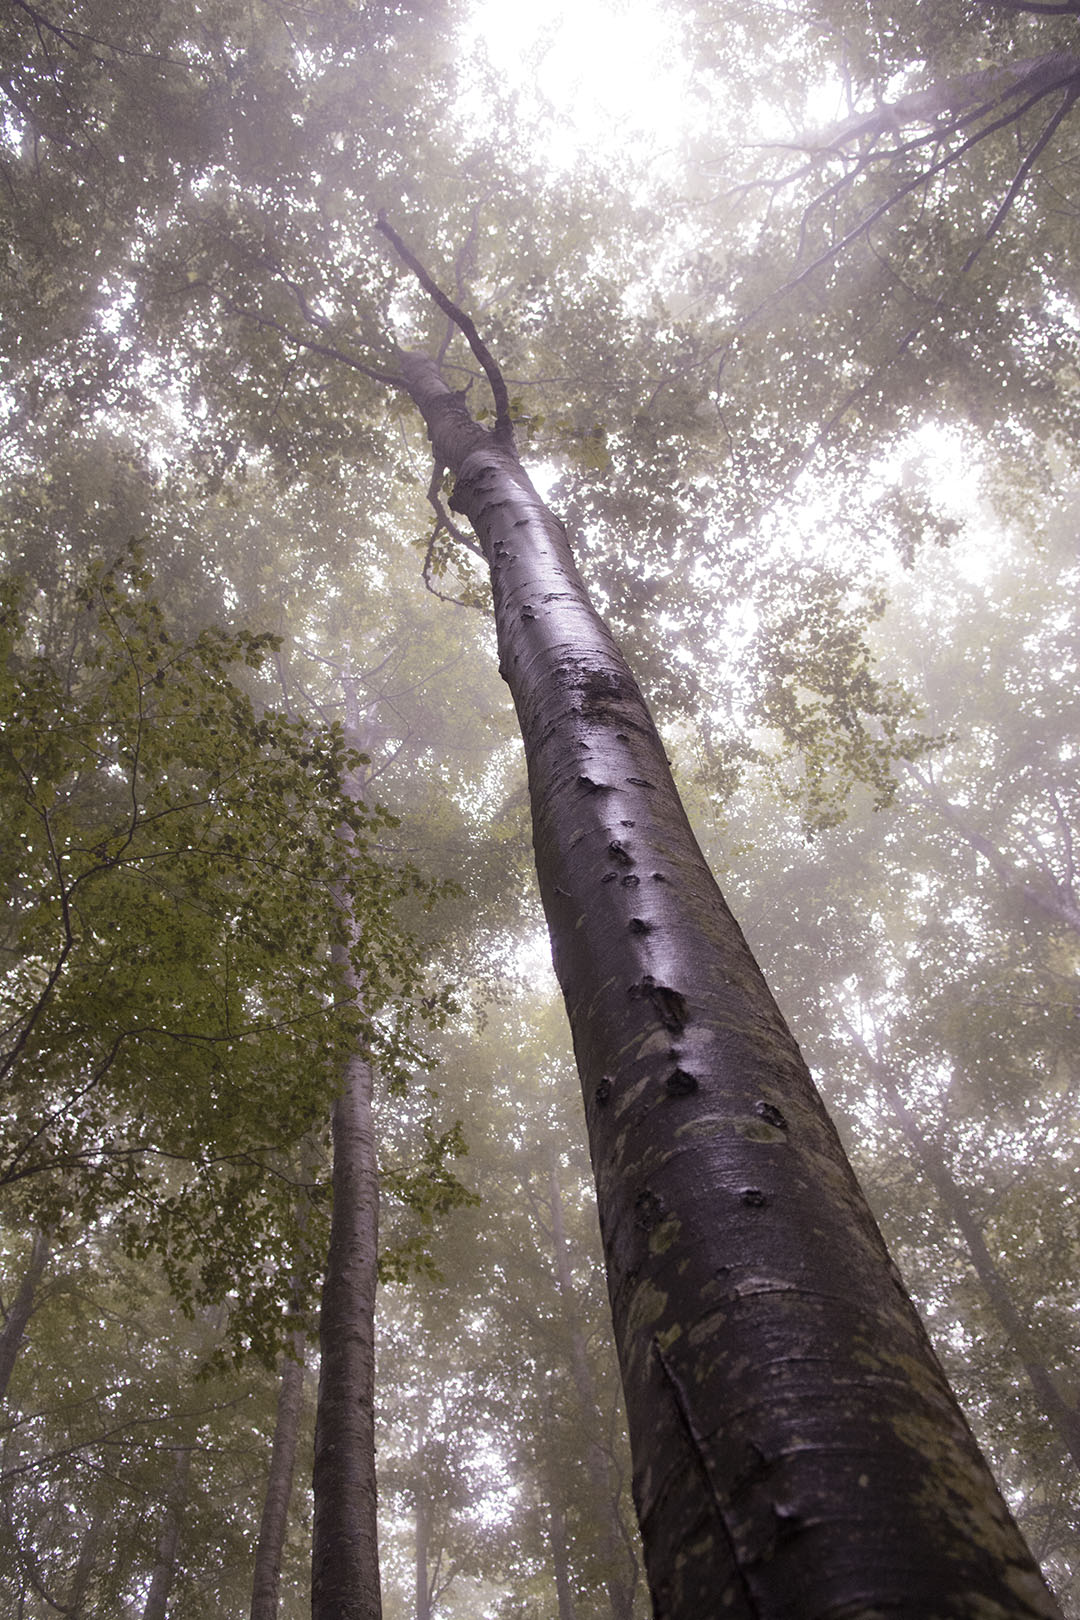 Sintiendo la lluvia - Archivo - Iñaki Larrea, Fotografía de naturaleza y montaña